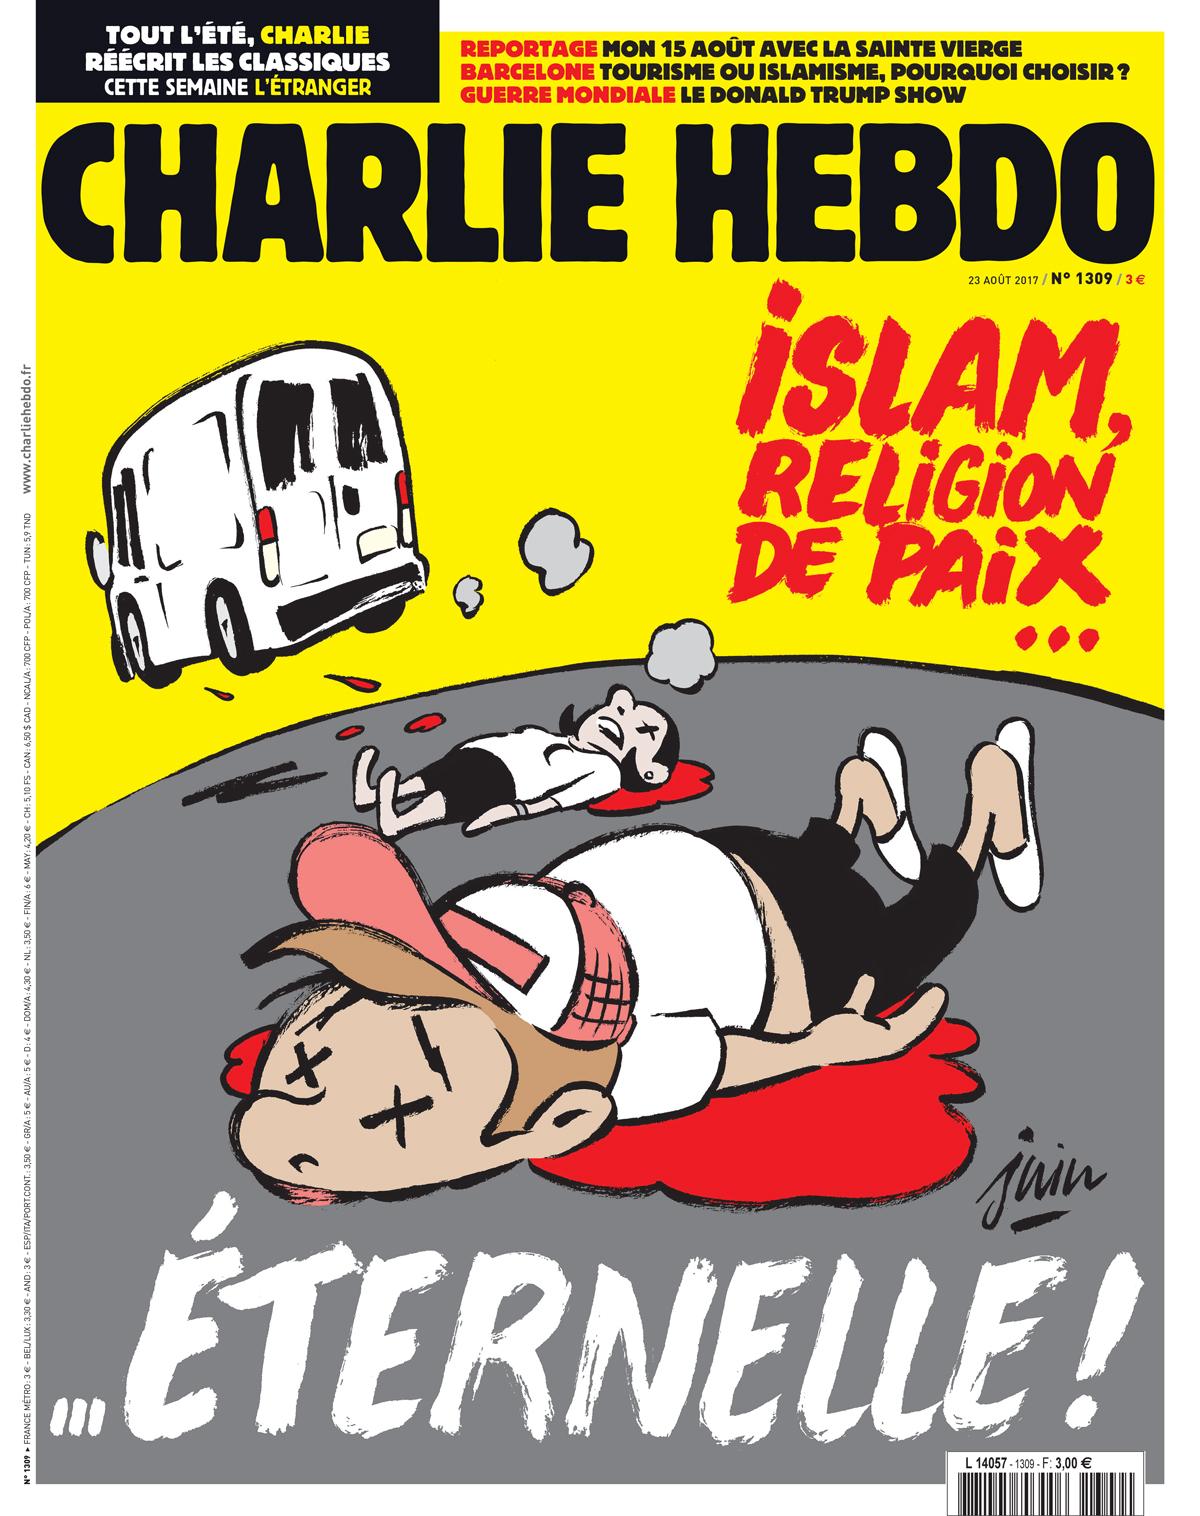 Achat En Ligne Charlie Hebdo : achat, ligne, charlie, hebdo, Edition, Hebdomadaire, Charlie, Hebdo